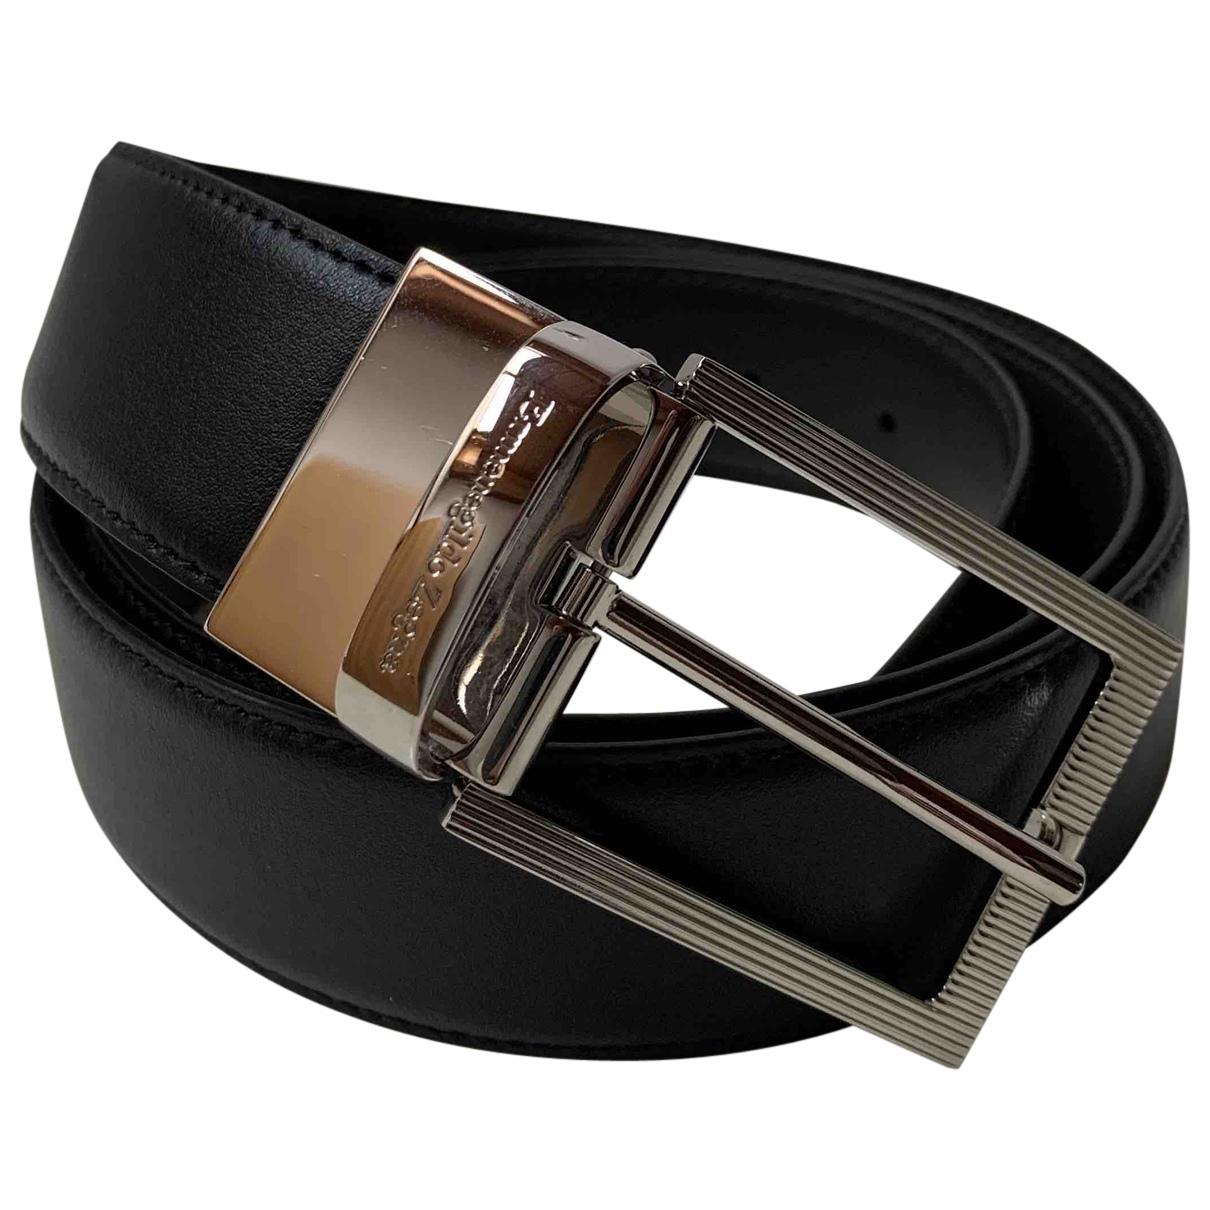 Ermenegildo Zegna N Black Leather belt for Men 100 cm